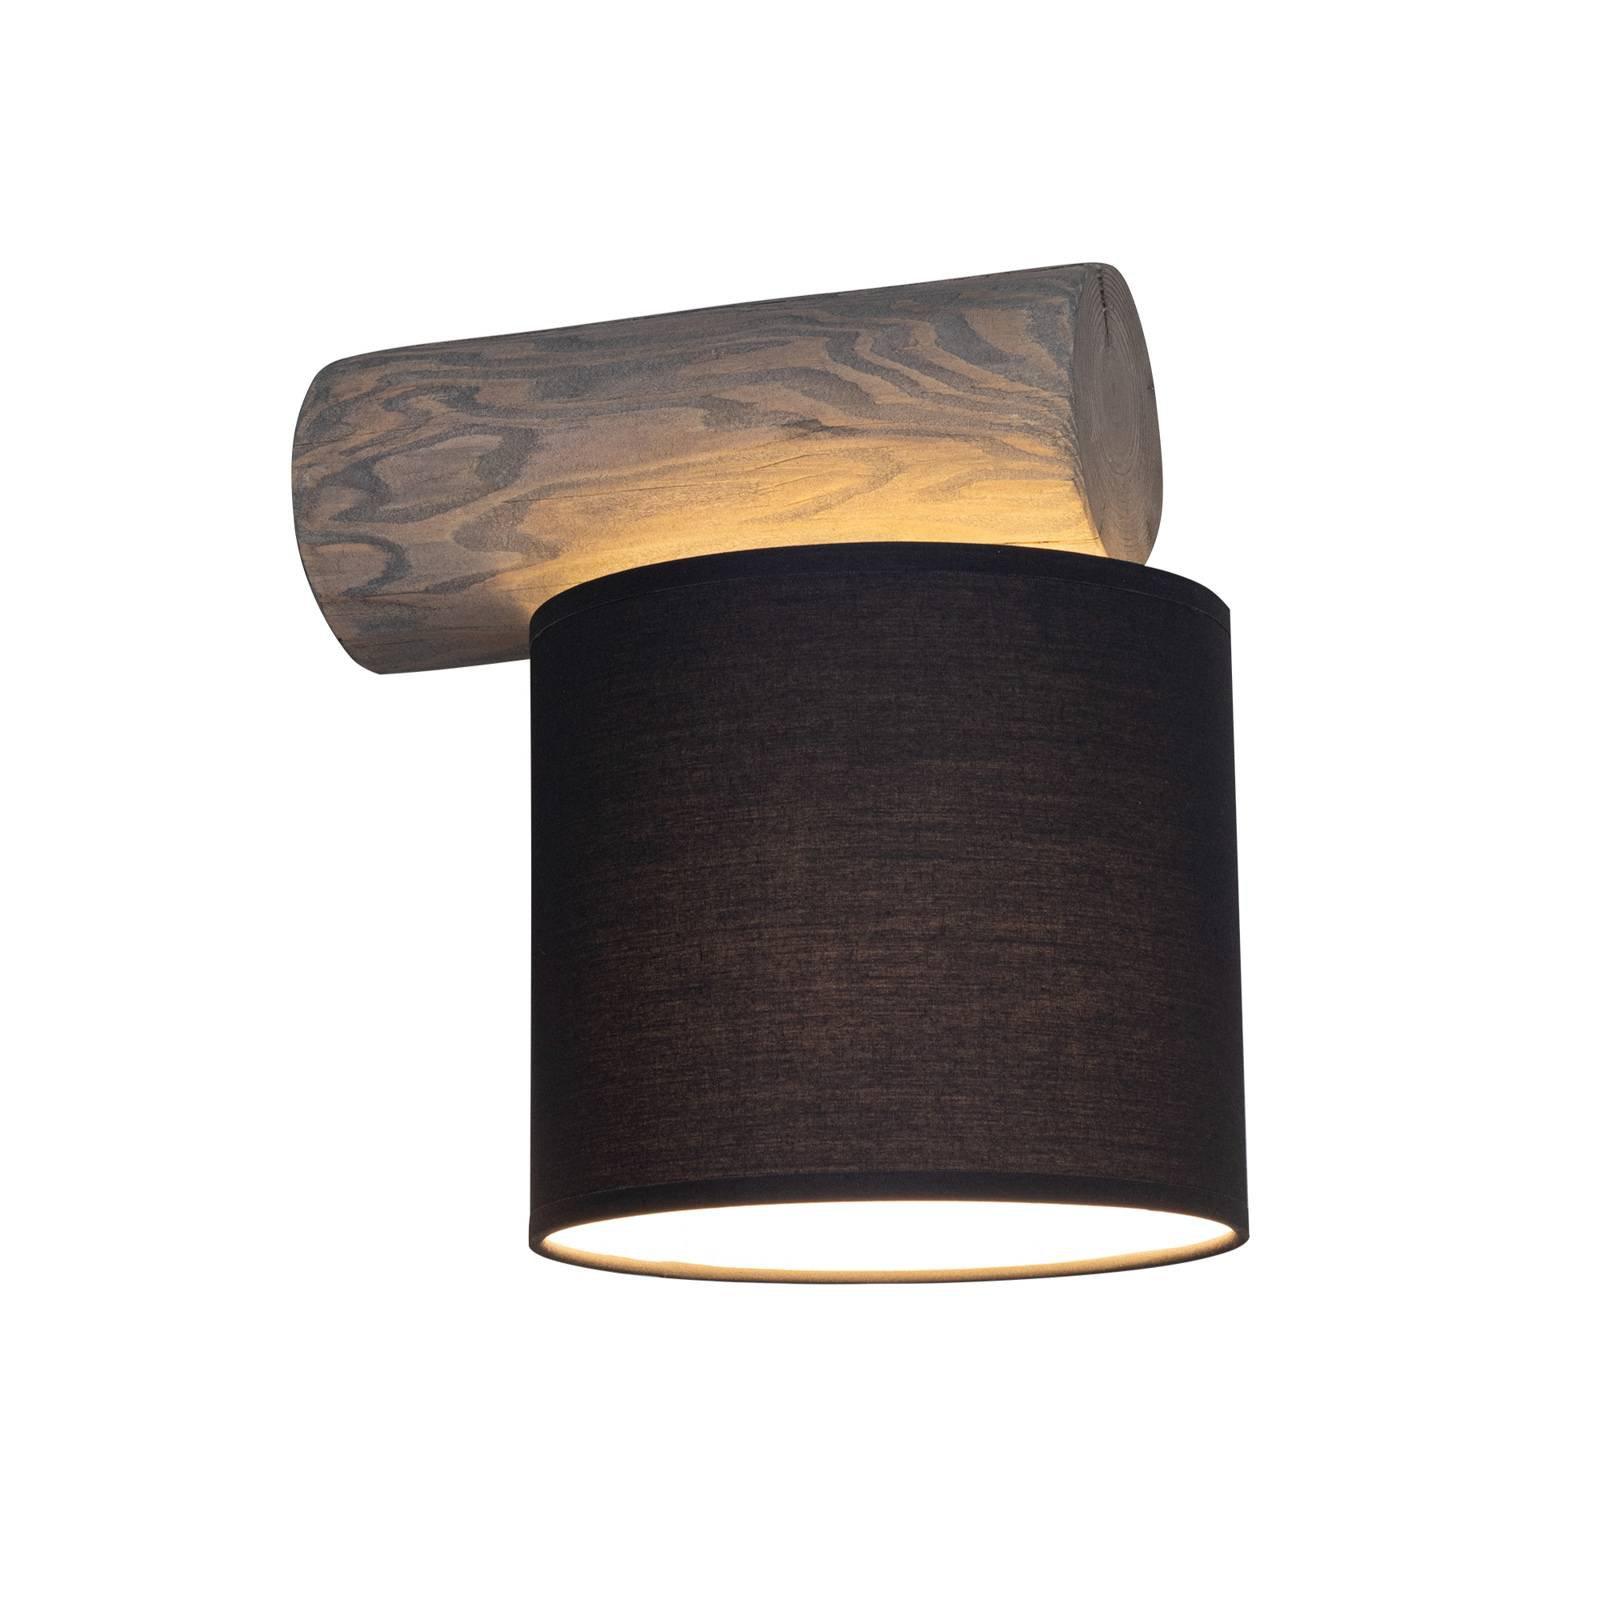 Vegglampe Pino Simple, skjerm antrasitt, tre grå